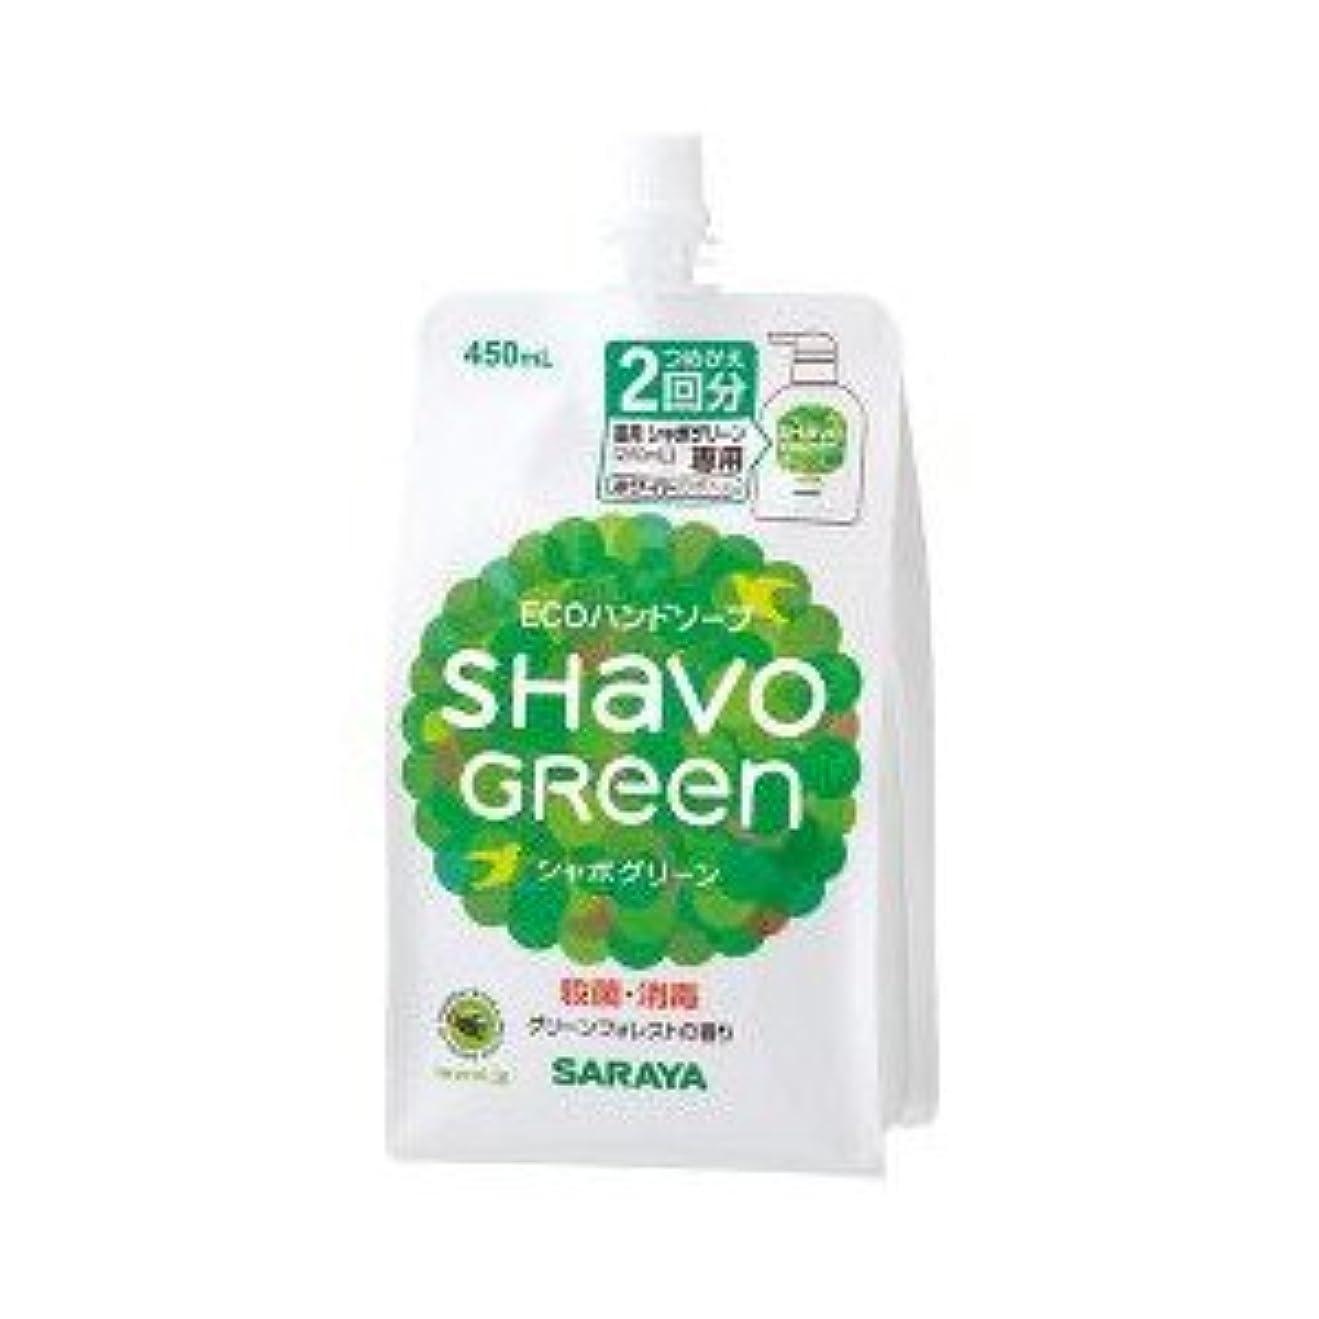 サラヤ 薬用ハンドソープ シャボグリーン 450ml つめかえ用2回分 無着色のエコハンドソープ 殺菌?消毒×16点セット (4973512230714)